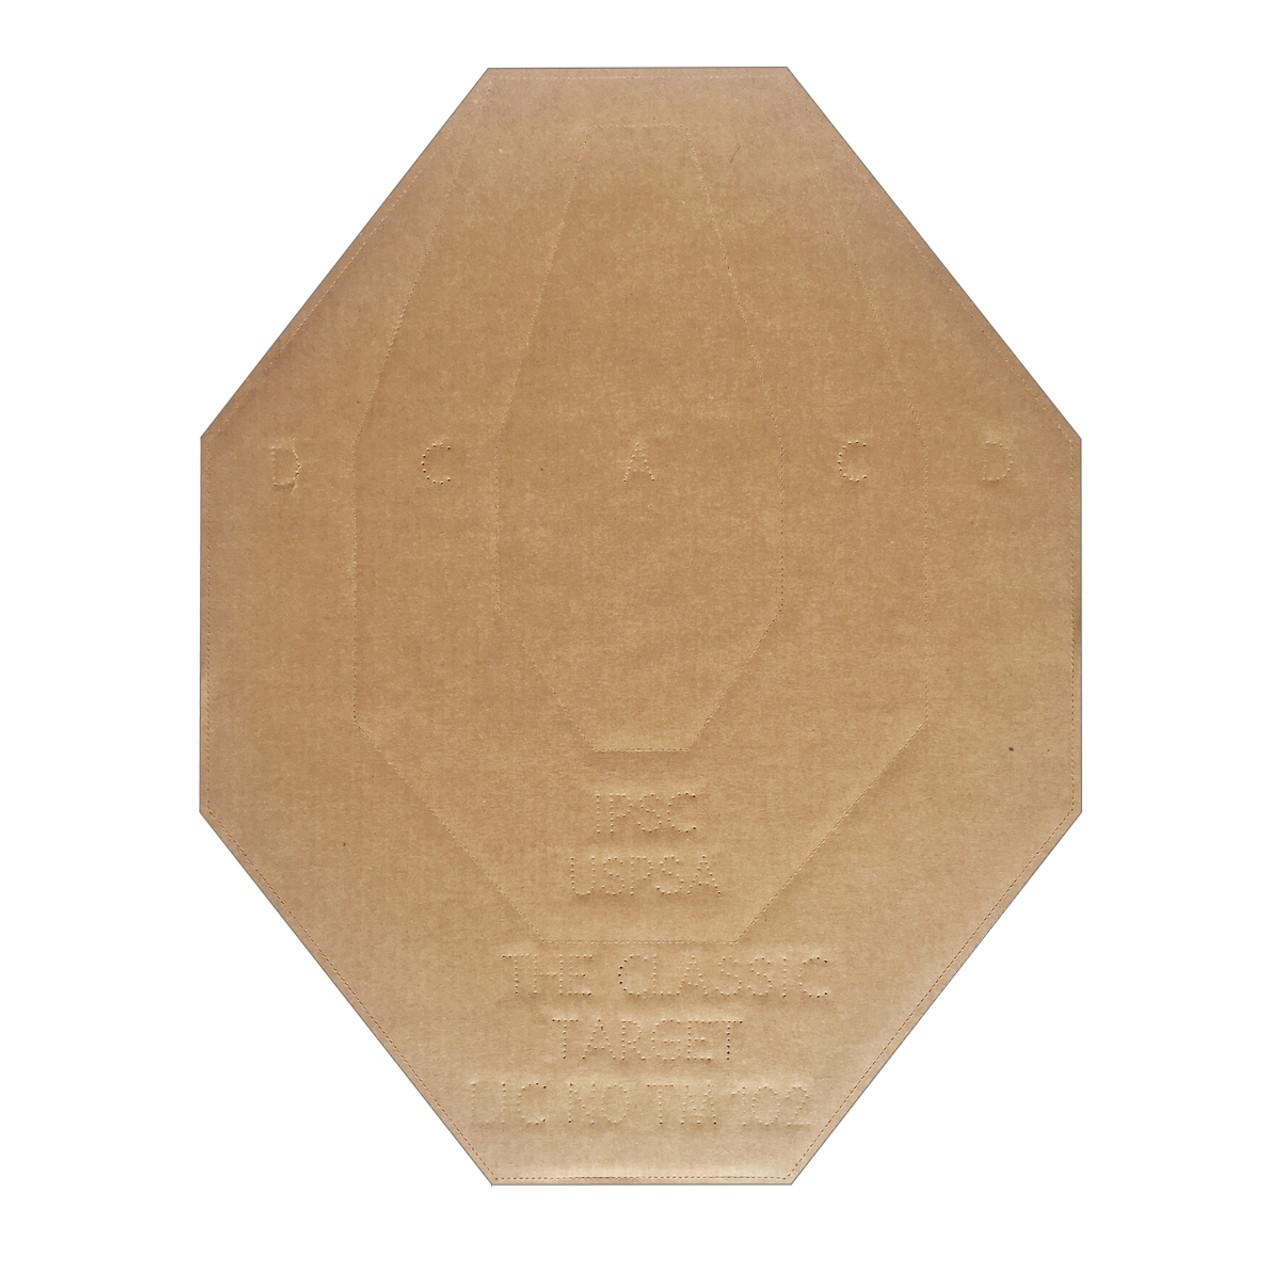 Blanks-24 Cardboard Shooting Target Backer